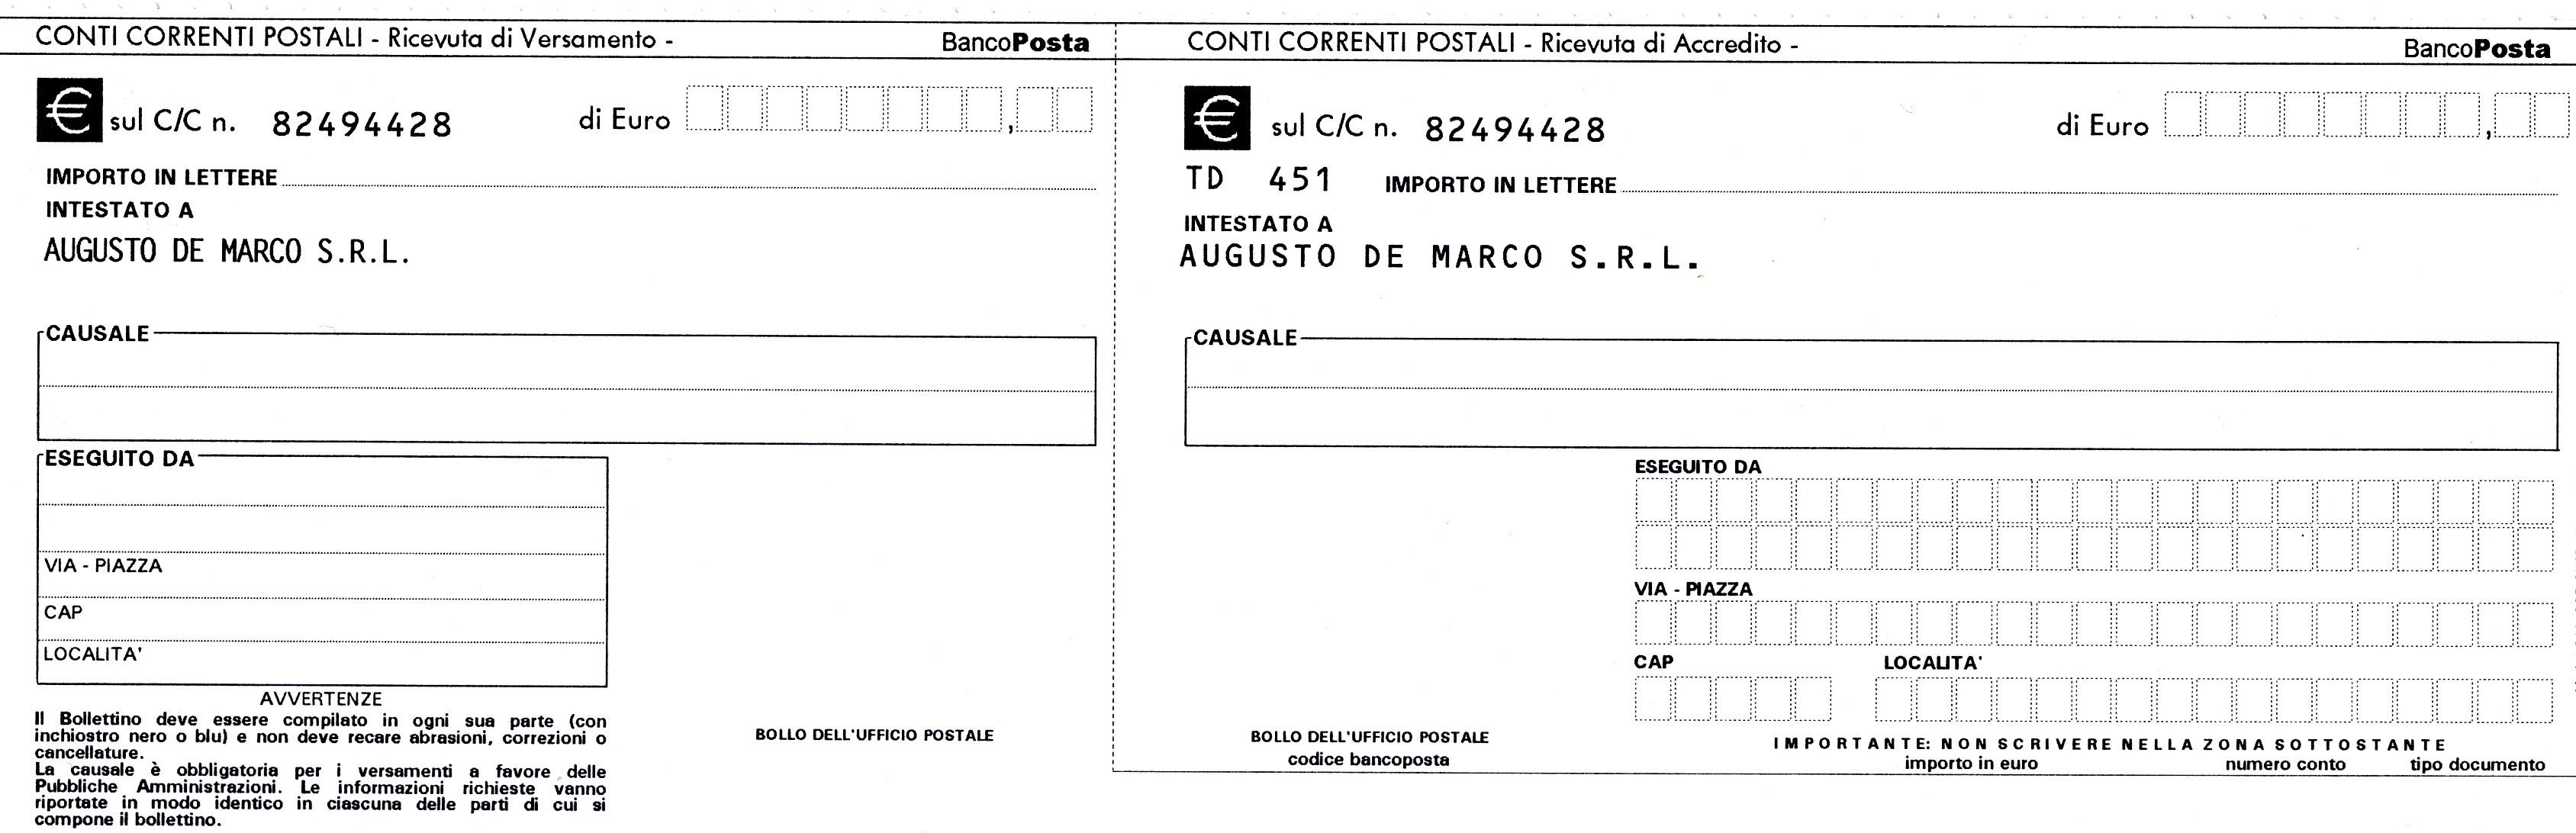 Augusto de marco impianti elettrici industriali for Bollettino precompilato